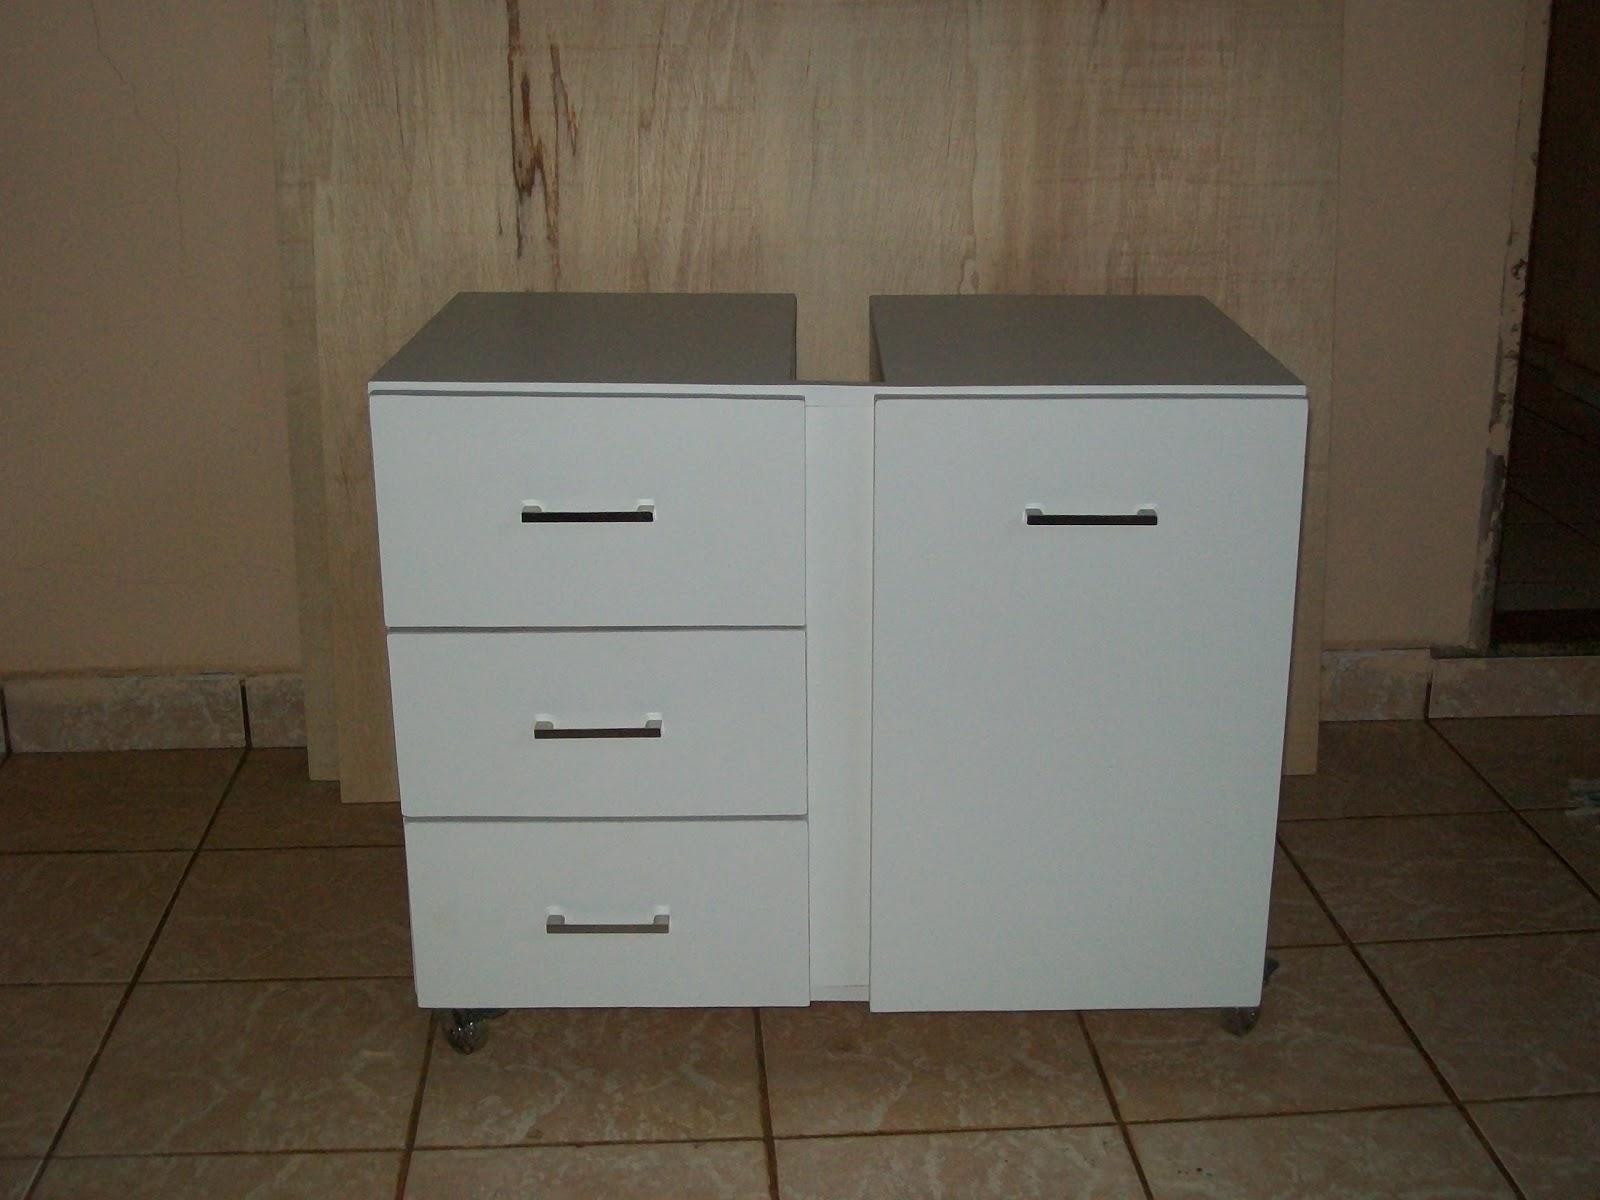 Moveis Planejados Armário para Banheiro com cesto (Acabamento Fórmica TX) -> Armario Banheiro Mofo